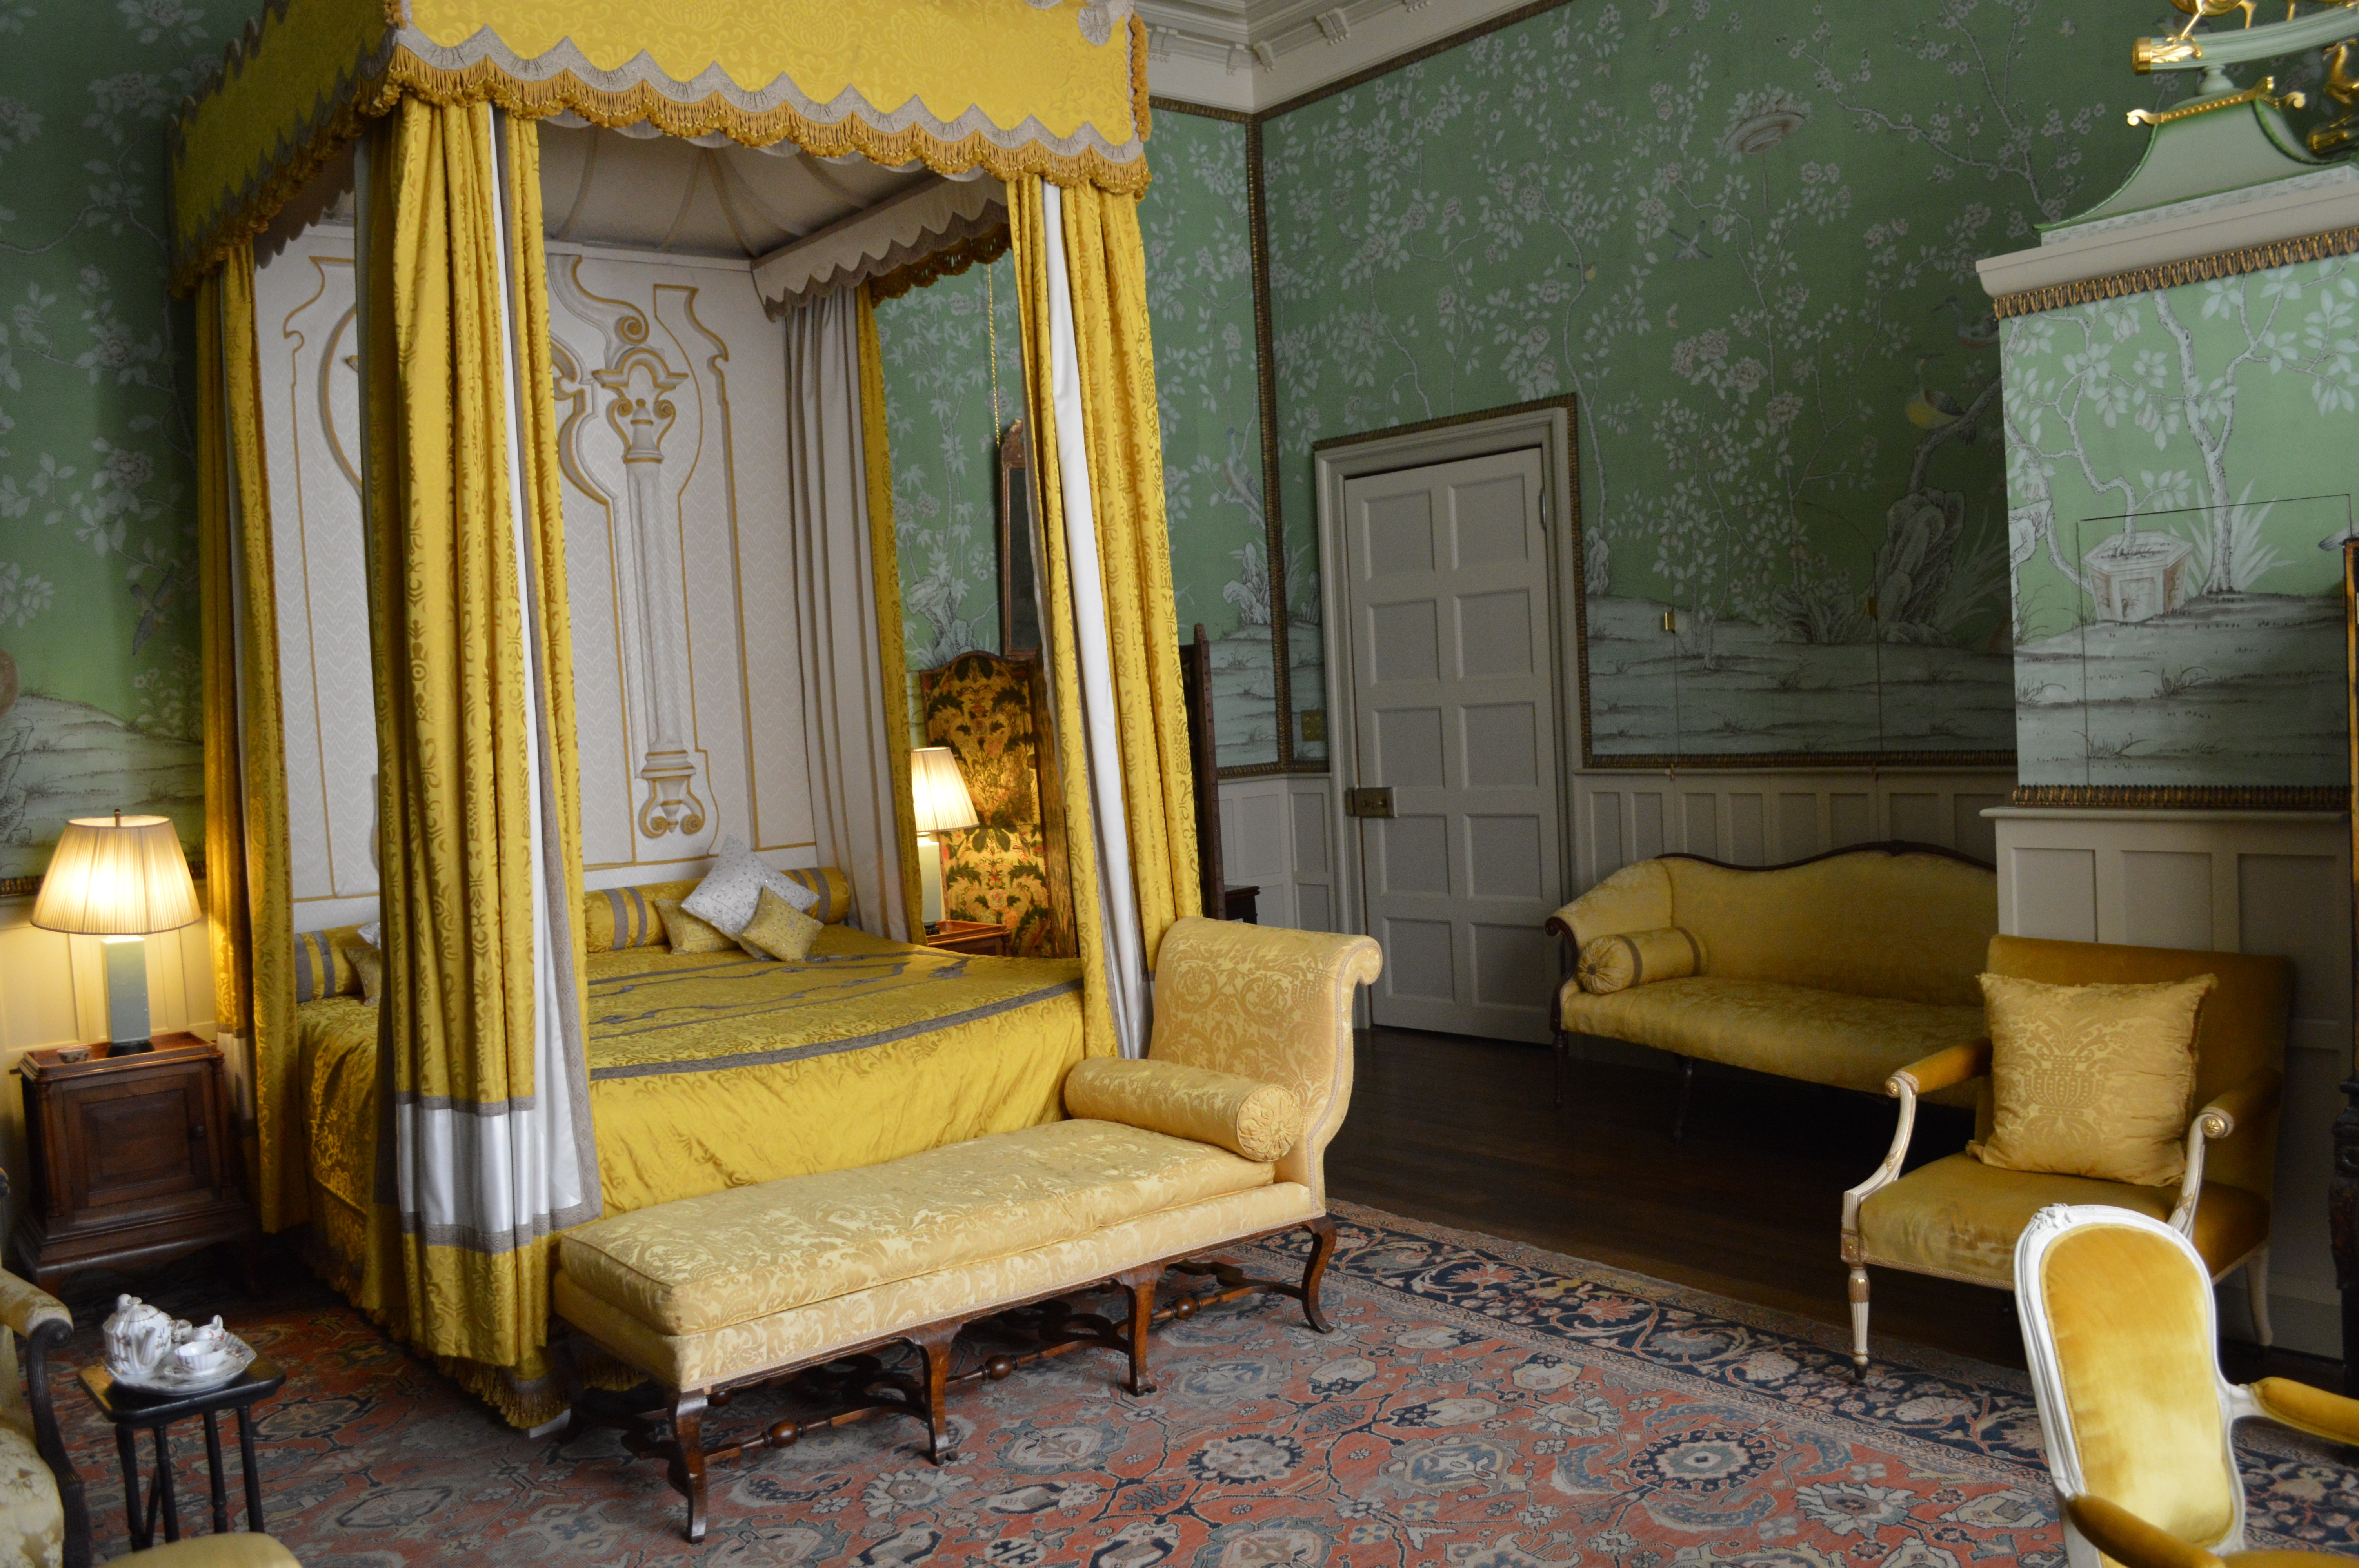 File:Bedroom, Hatfield House-19666194565.jpg - Wikimedia ...